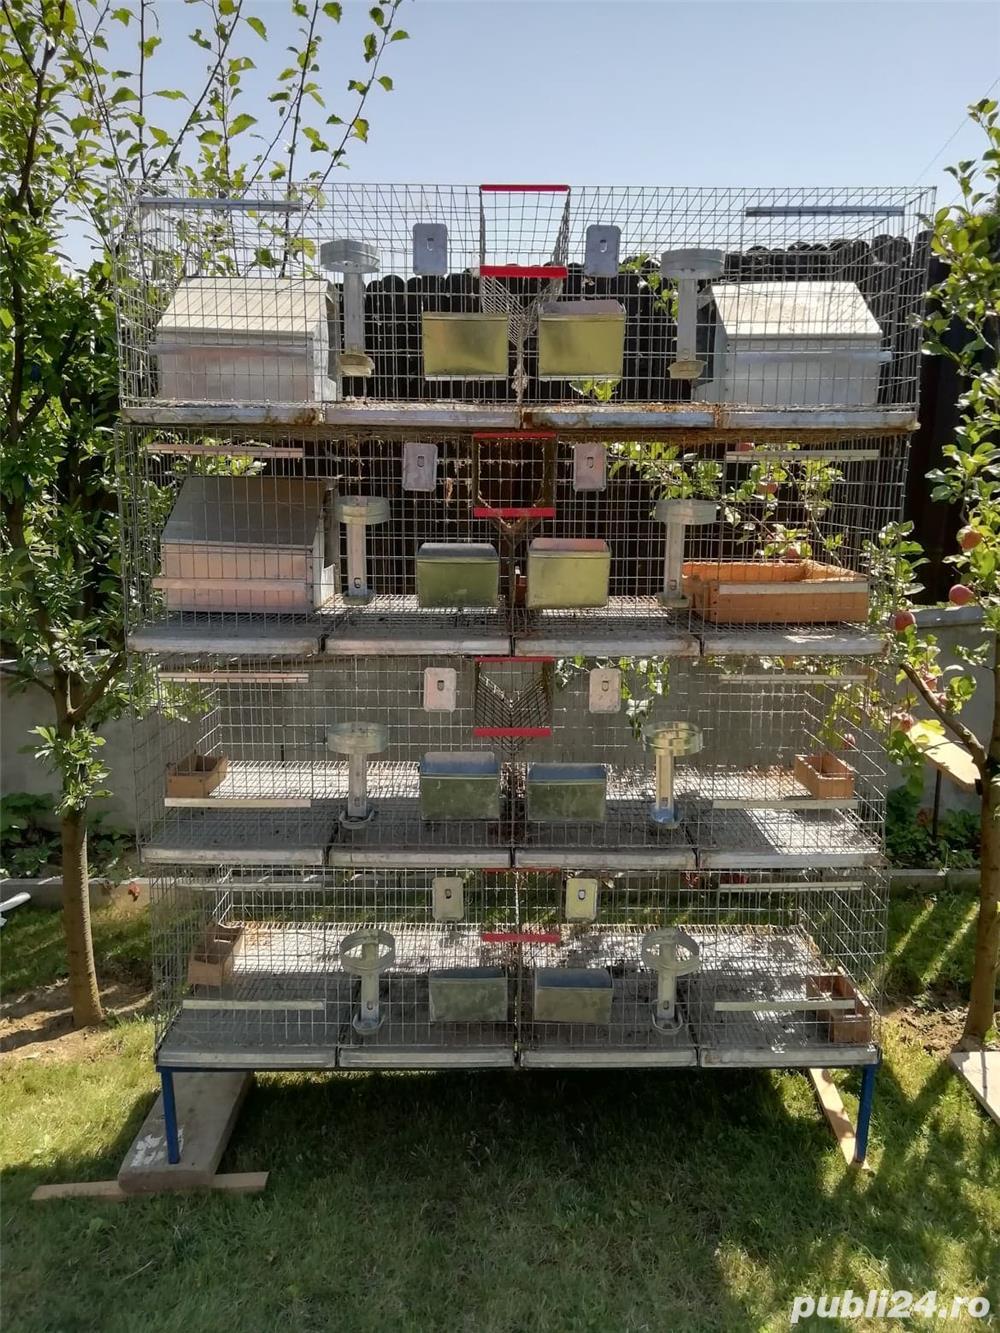 Vând cușcă iepuri în sistem modular cu 8 compartimente